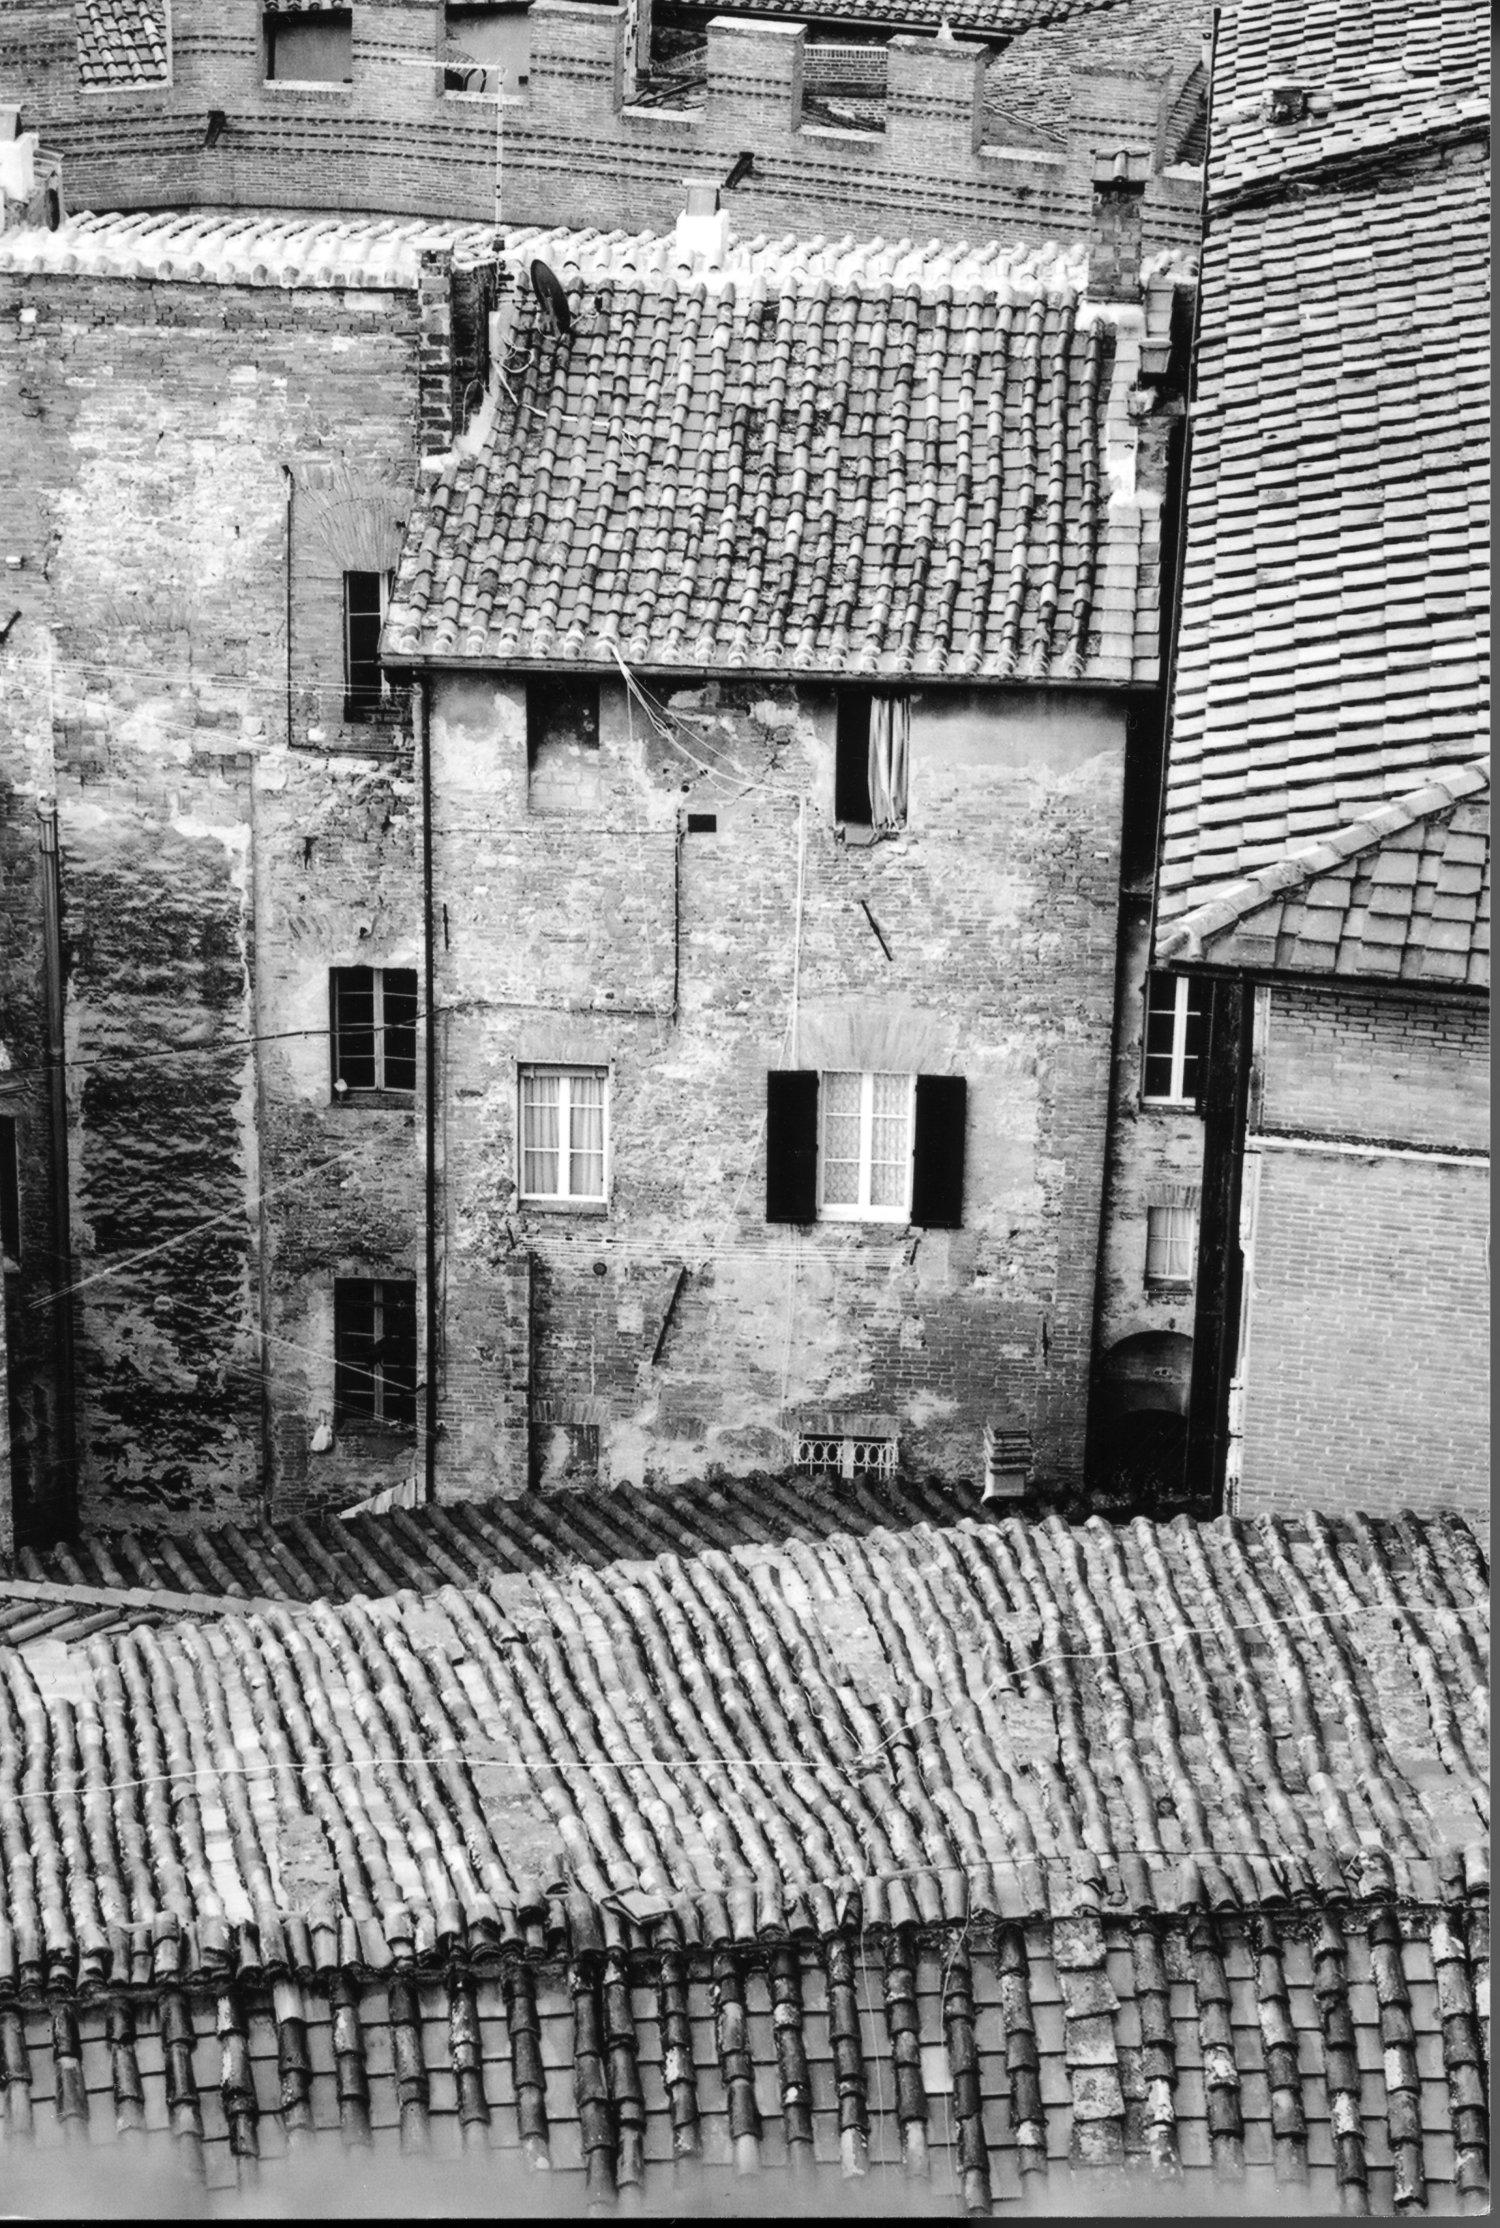 Tuscany0004